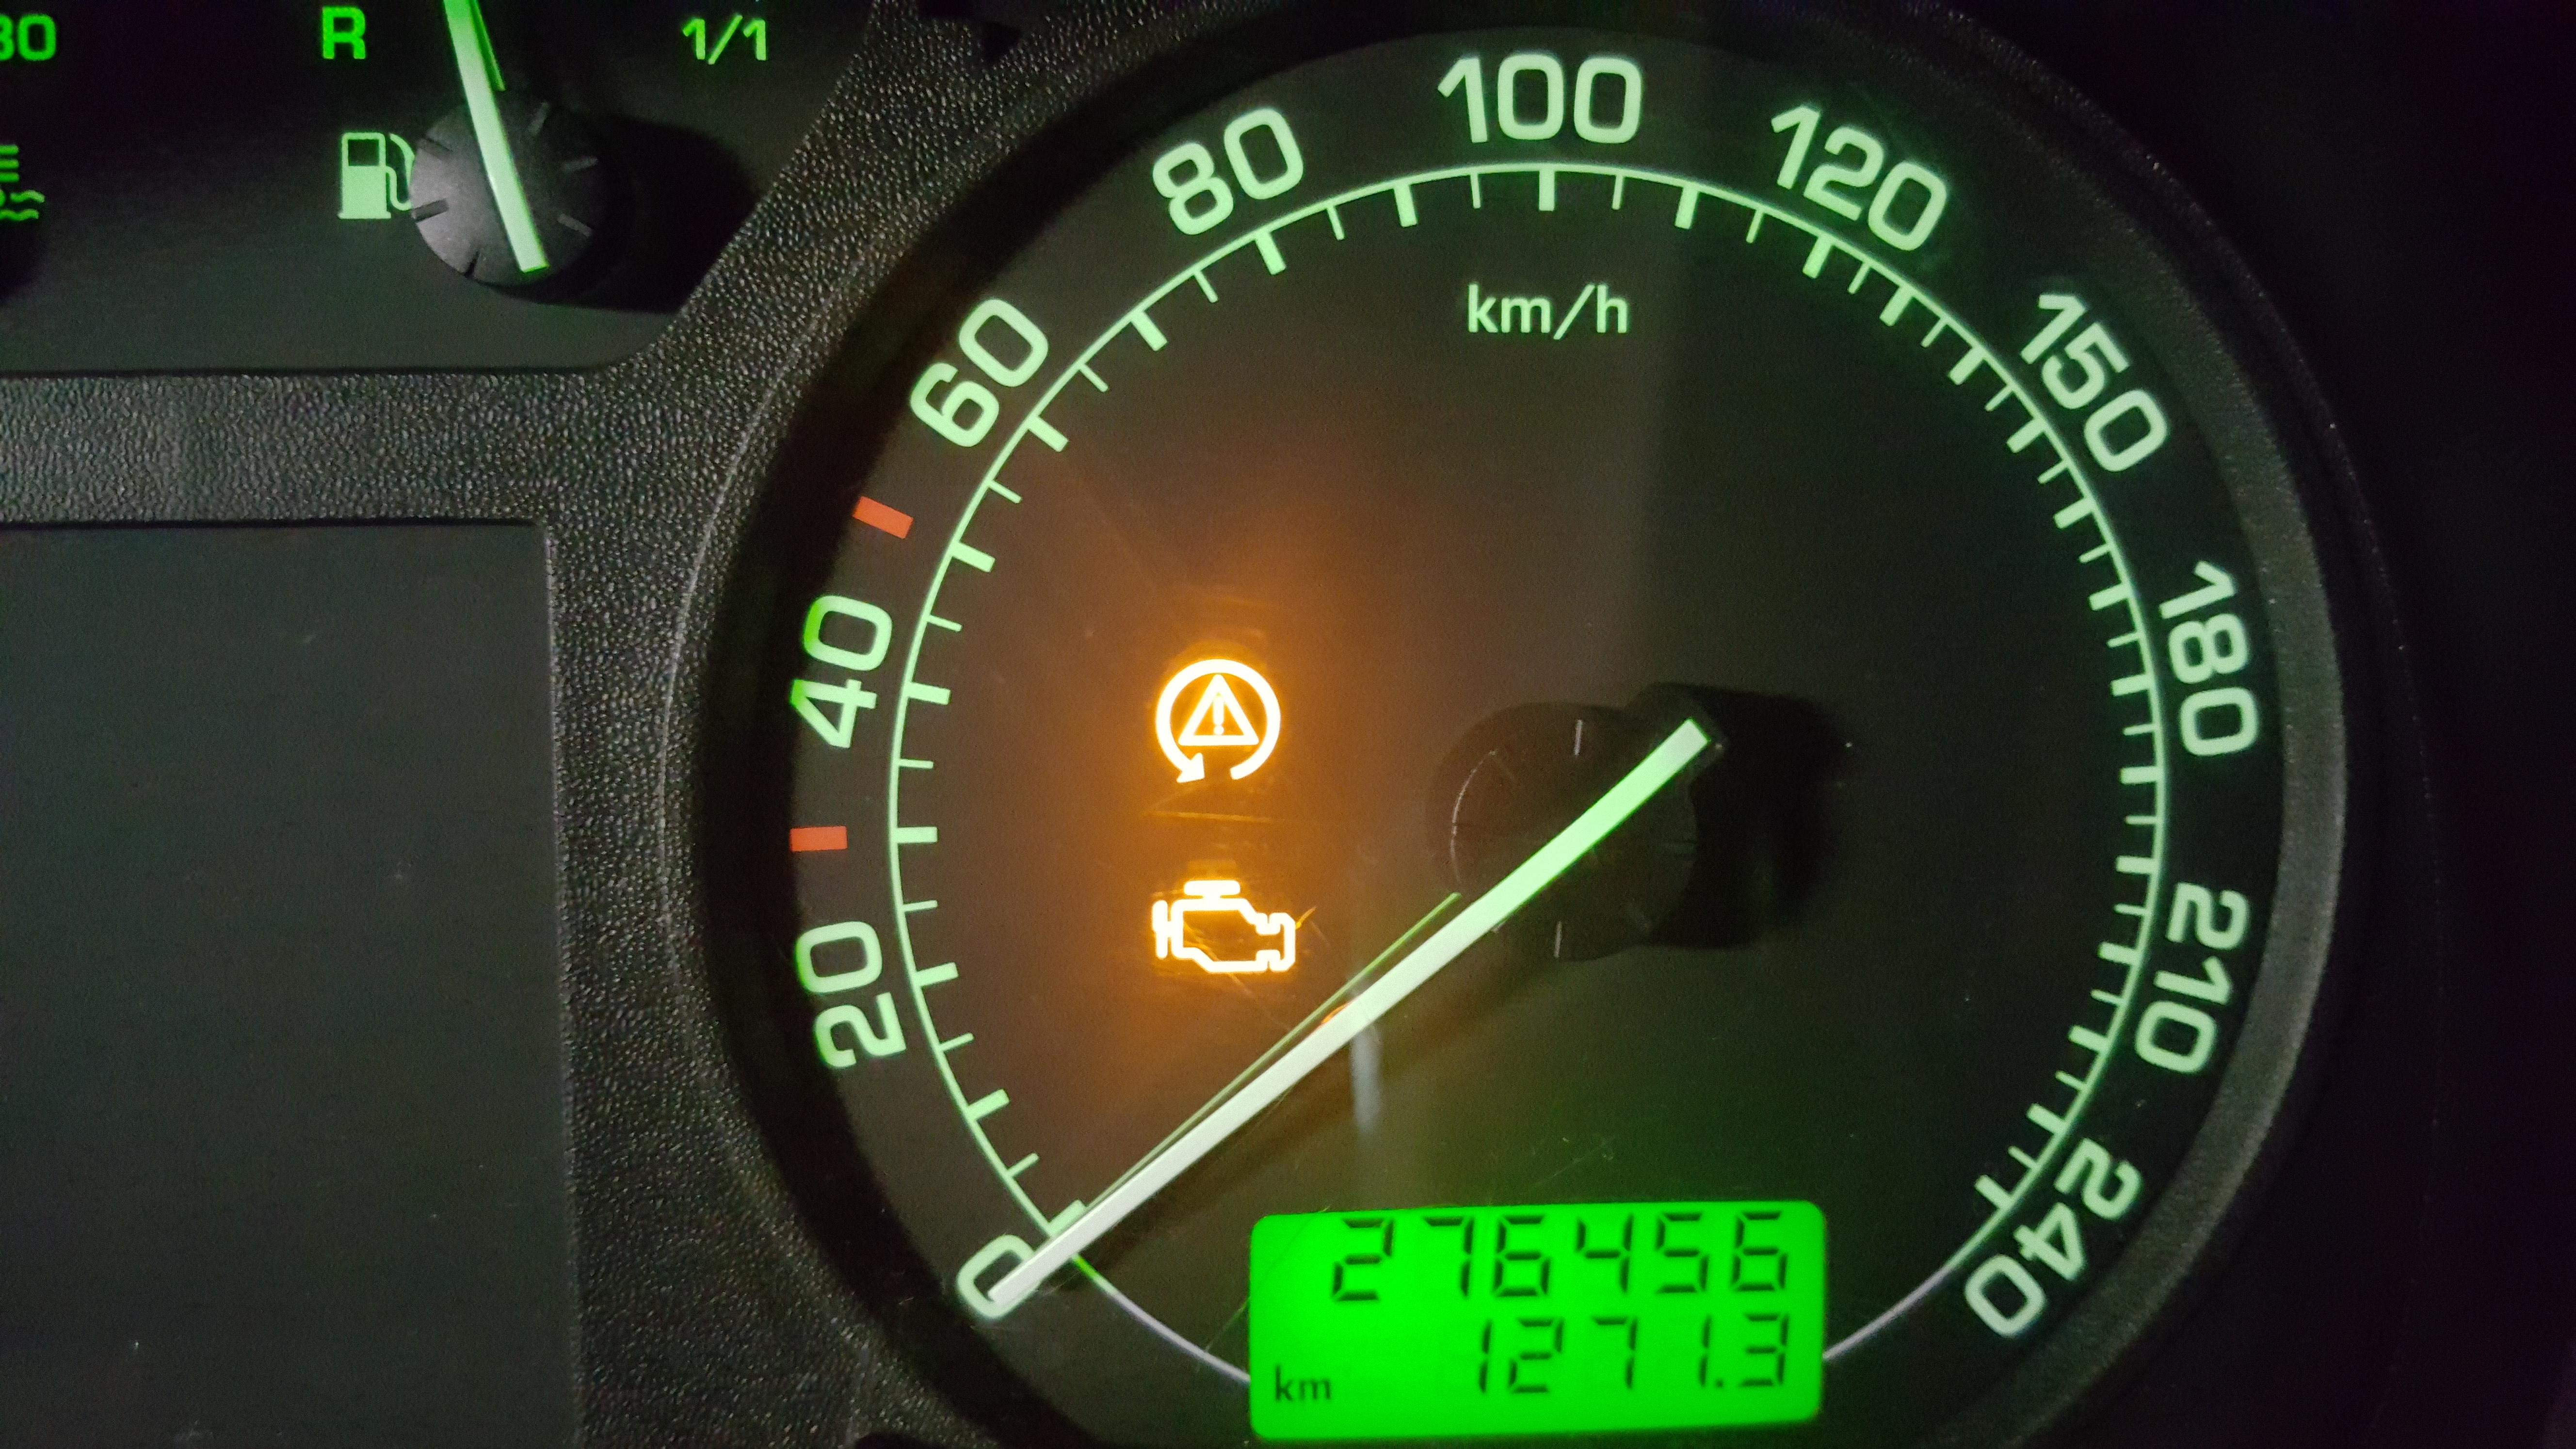 Calibrate steering angle sensor - Skoda Octavia Mk I - BRISKODA